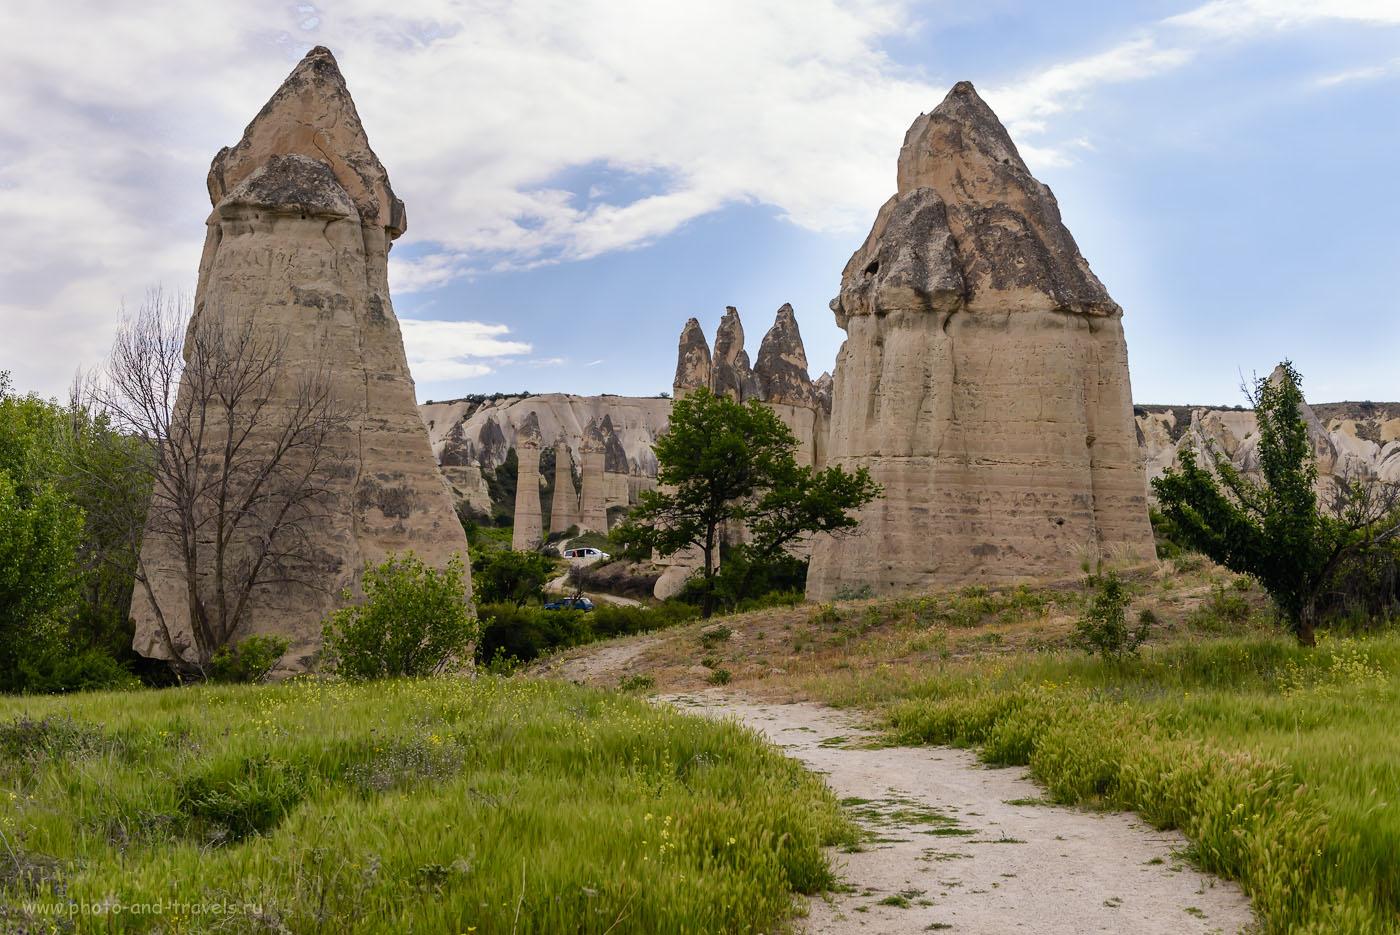 Фотография 36. Вход в Долину любви в Каппадокии. Будете покупать туры в Турцию, подумайте об организации экскурсии в этот регион. 1/500, -0.67, 8.0, 250, 40.